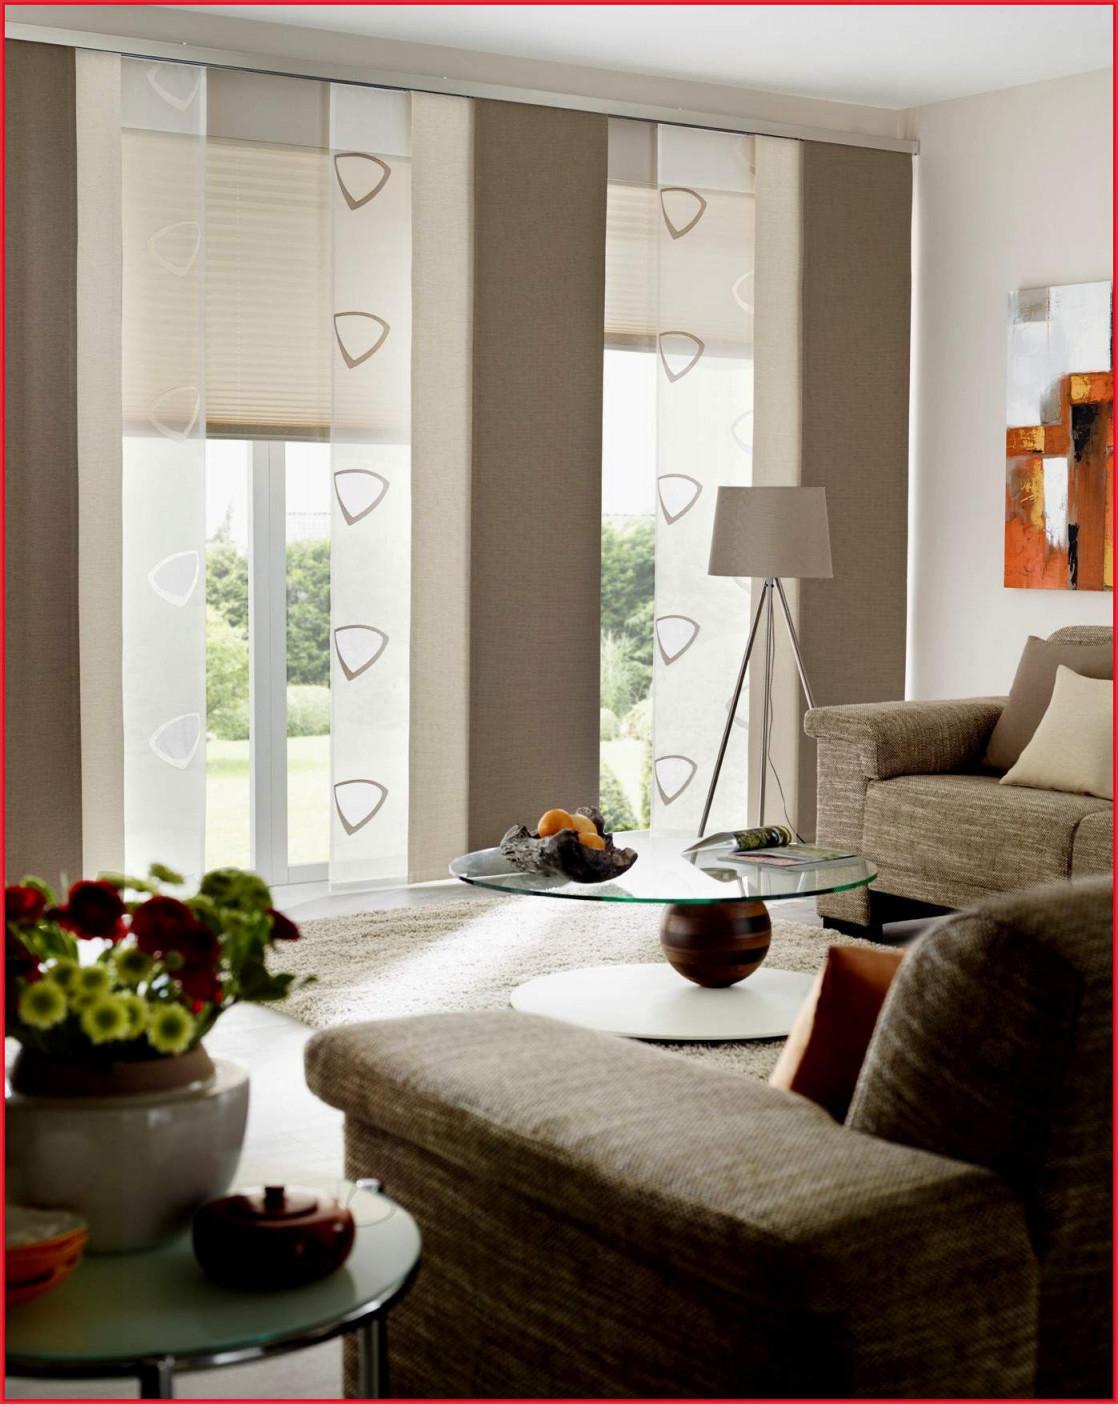 Wohnzimmer Gardinen Ideen Genial Wohnzimmer Fenster Gardinen von Wohnzimmer Fenster Gardinen Bild